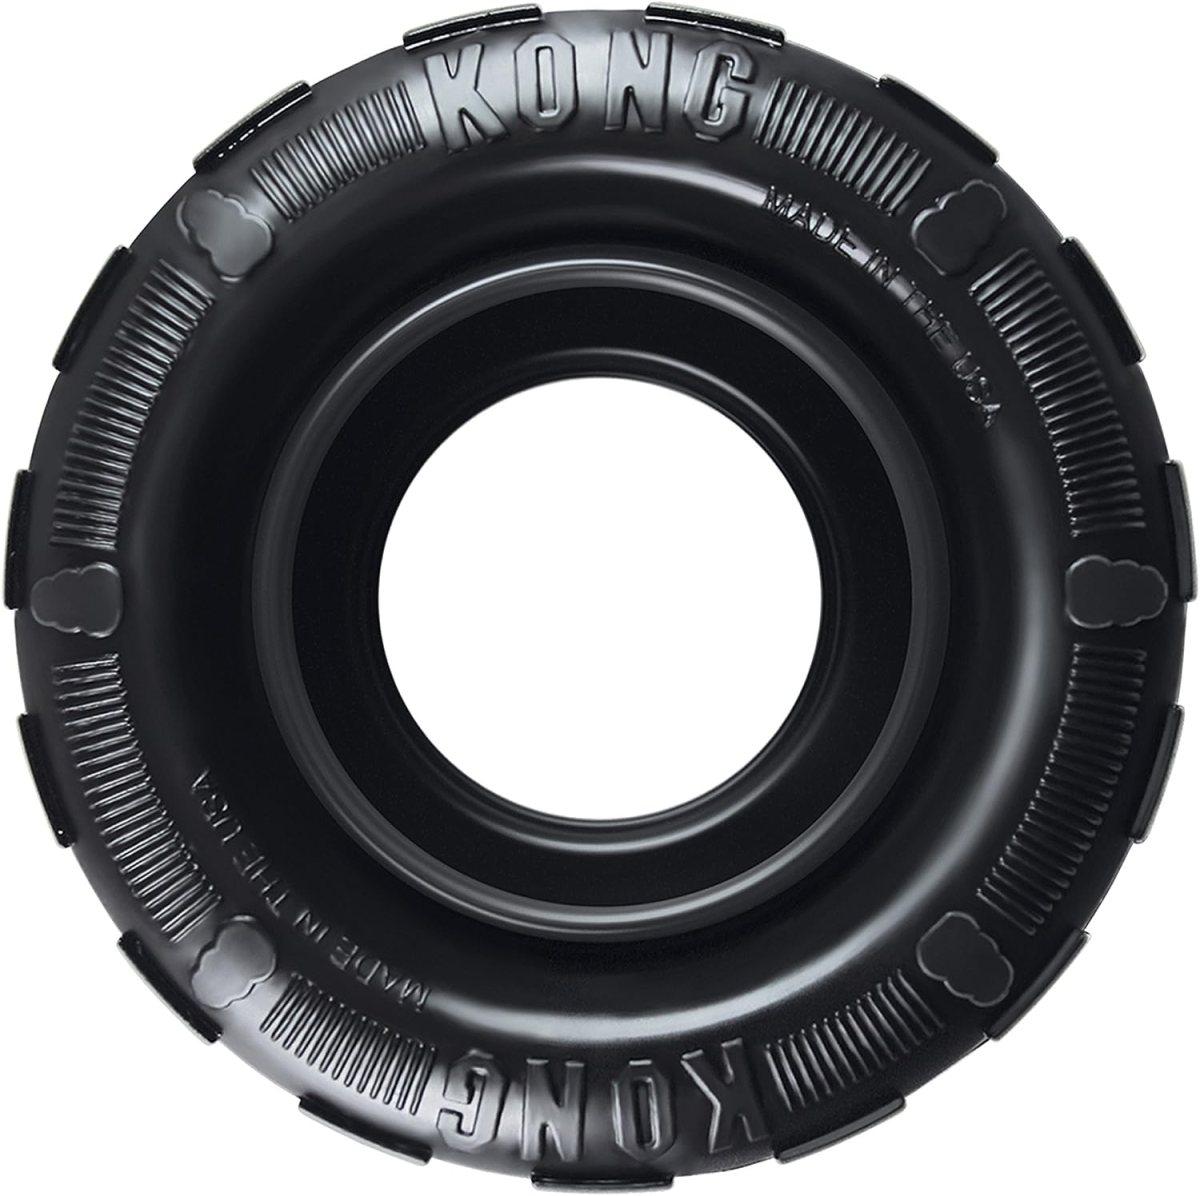 KONG - Tires - Mordedor dispensador de golosinas, en caucho - Raza mediana/grande